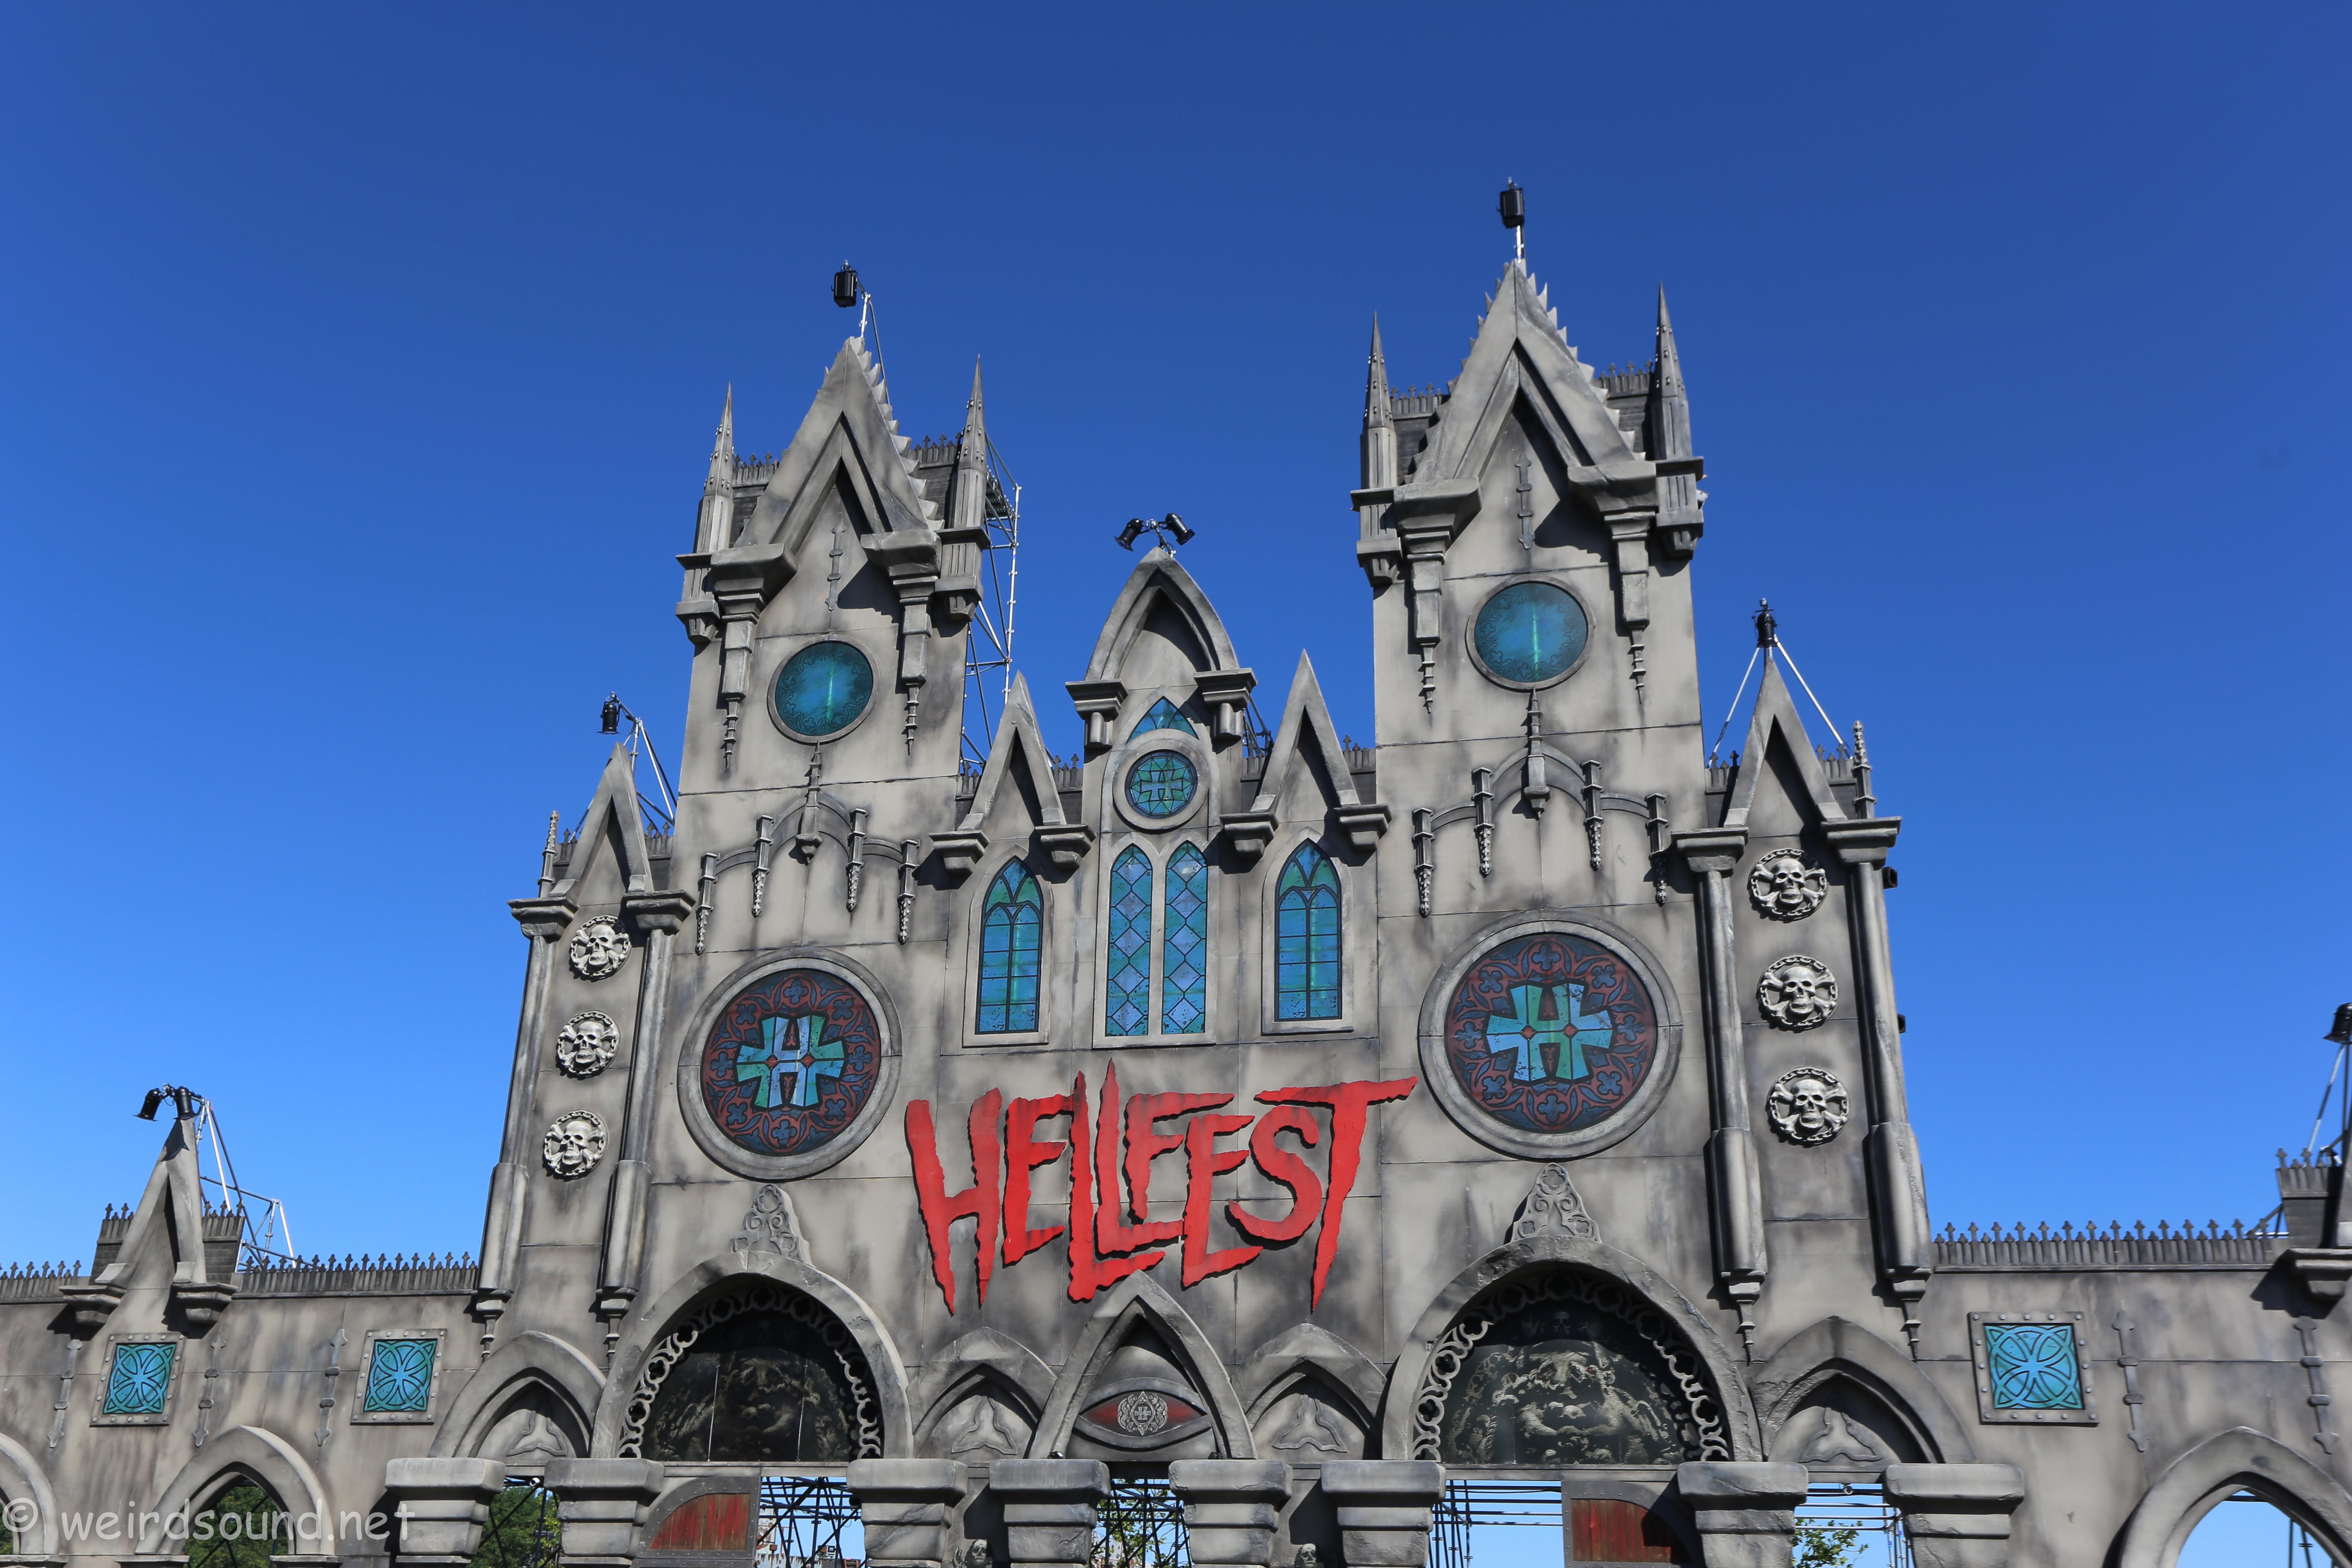 Difficile de faire croire que la photo a été prise à Lourdes...